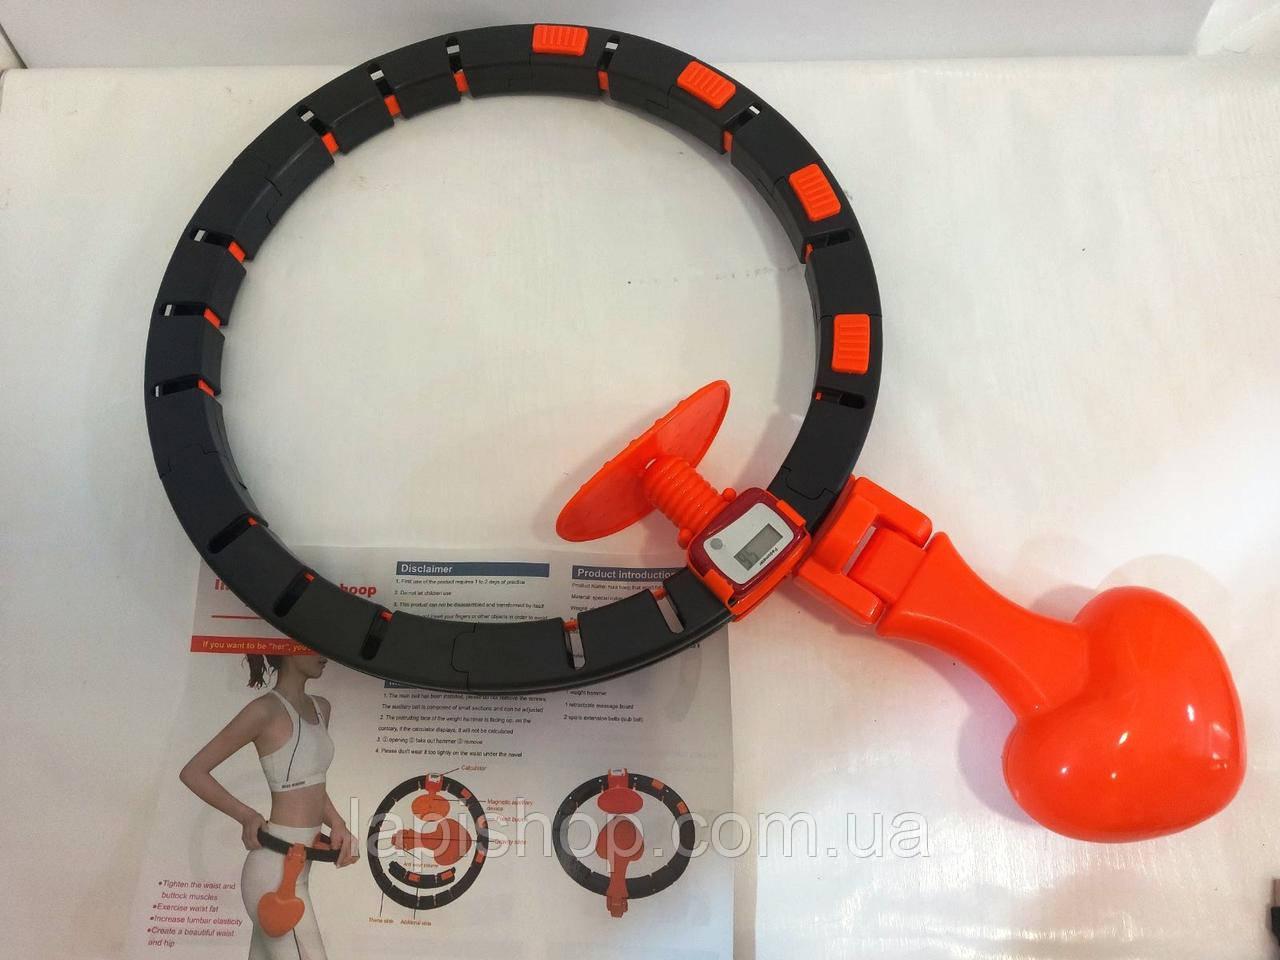 Хулахуп обруч для похудения массажный HULA Hoop LED